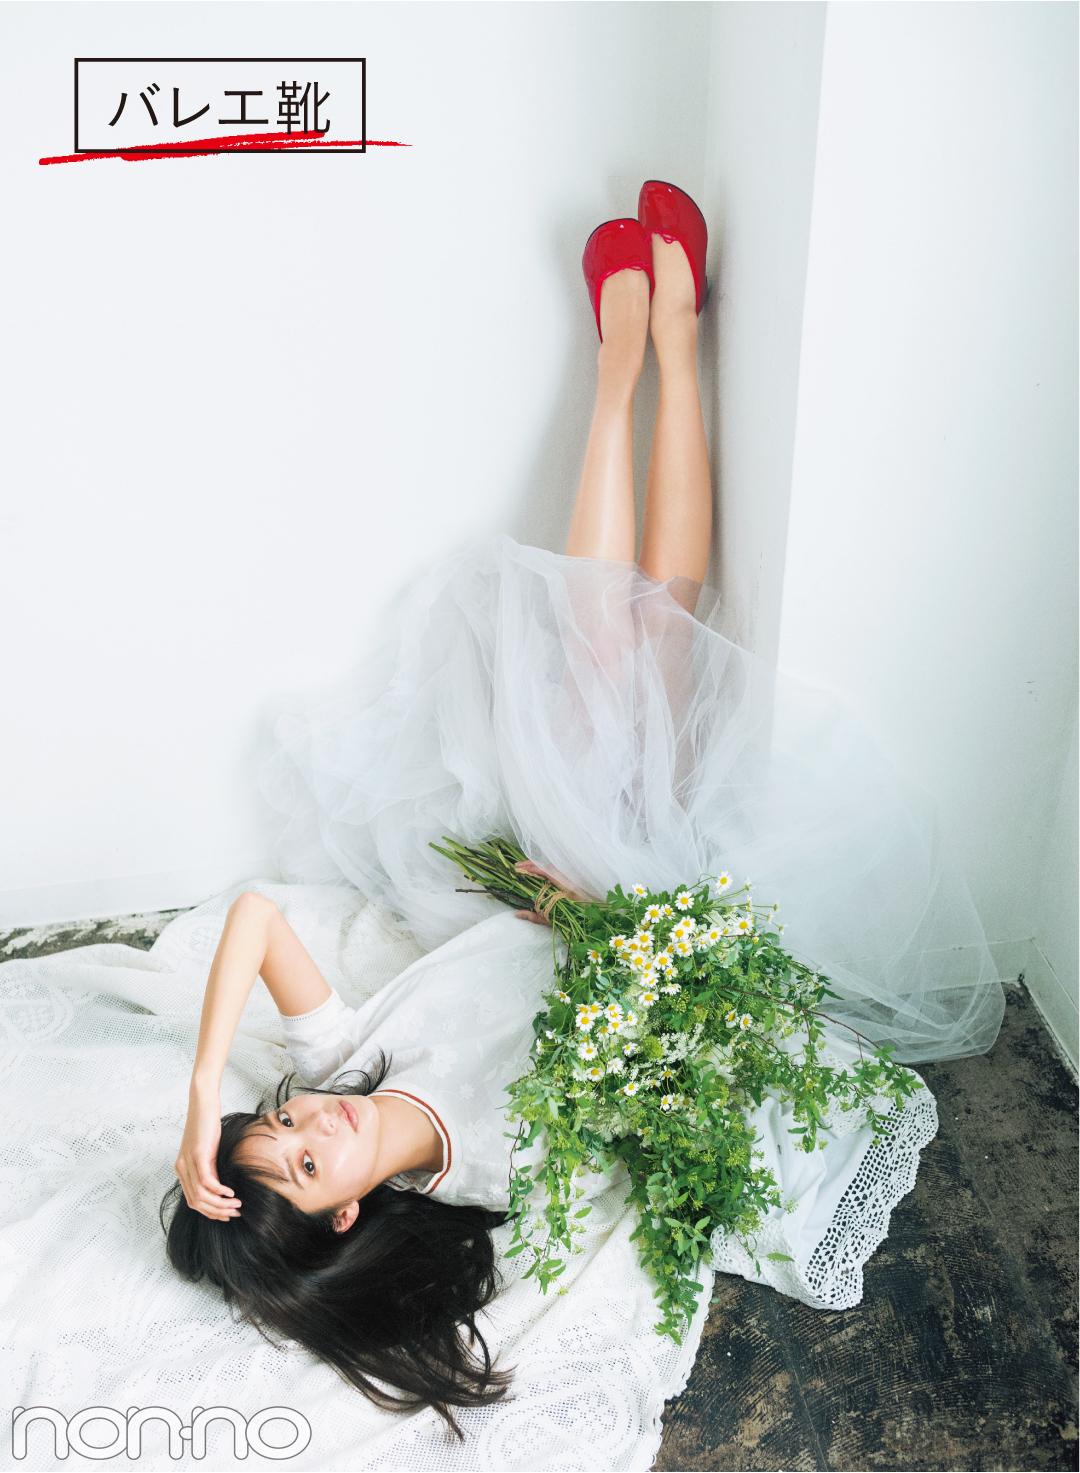 デートではくなら♡ レペットのバレエシューズ【優愛のおしゃれ定番図鑑】_1_1